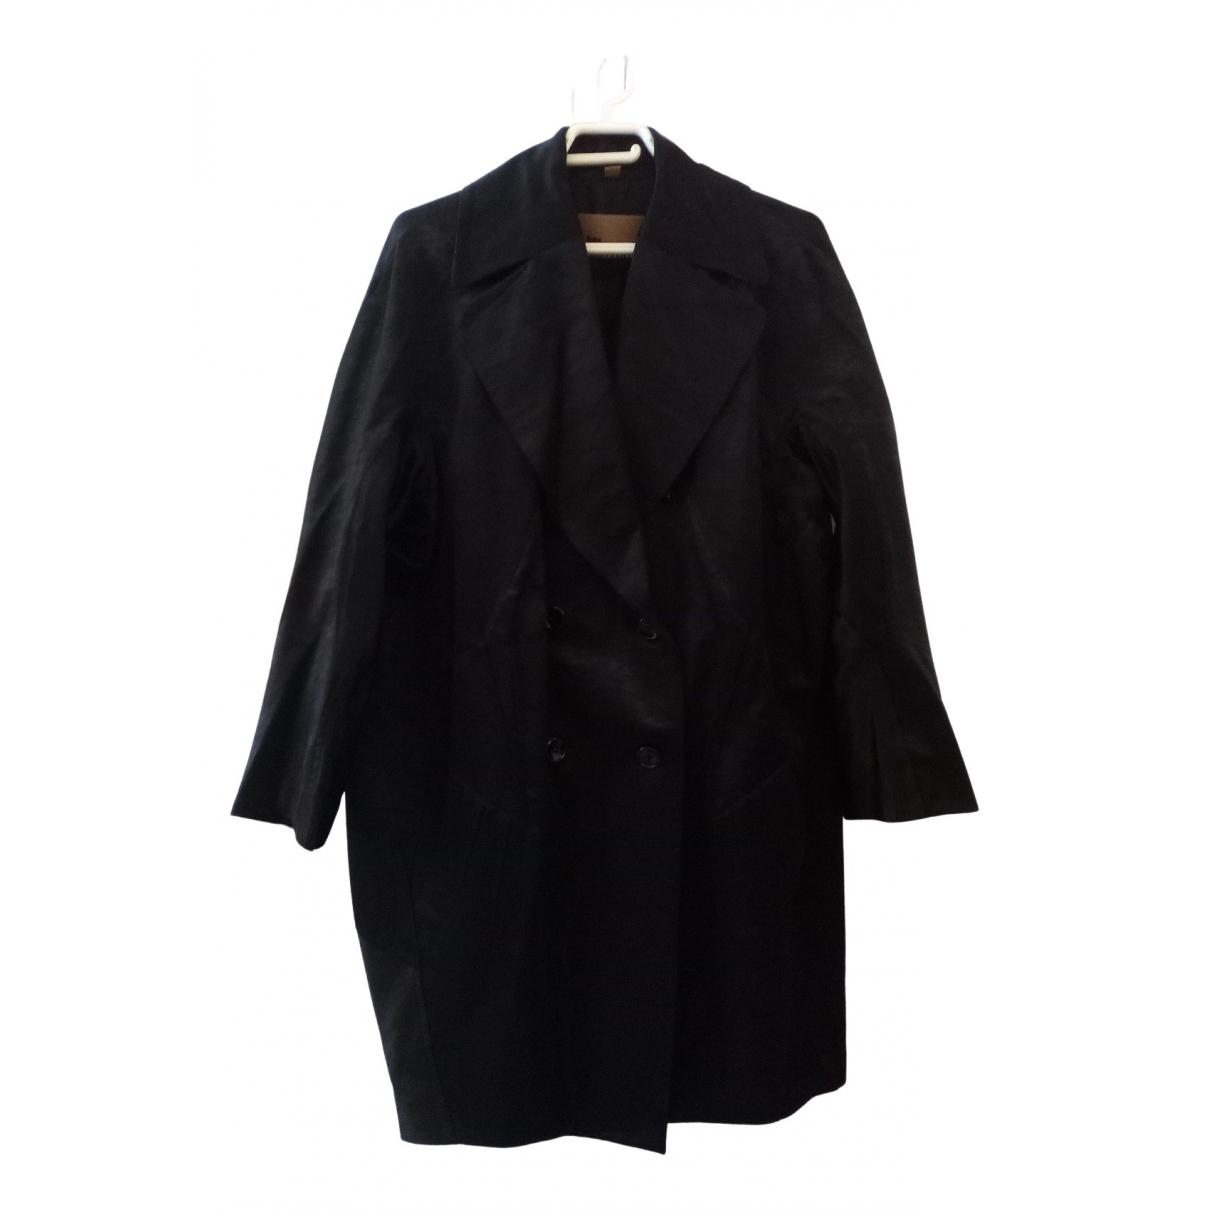 John Galliano \N Black coat for Women 42 IT